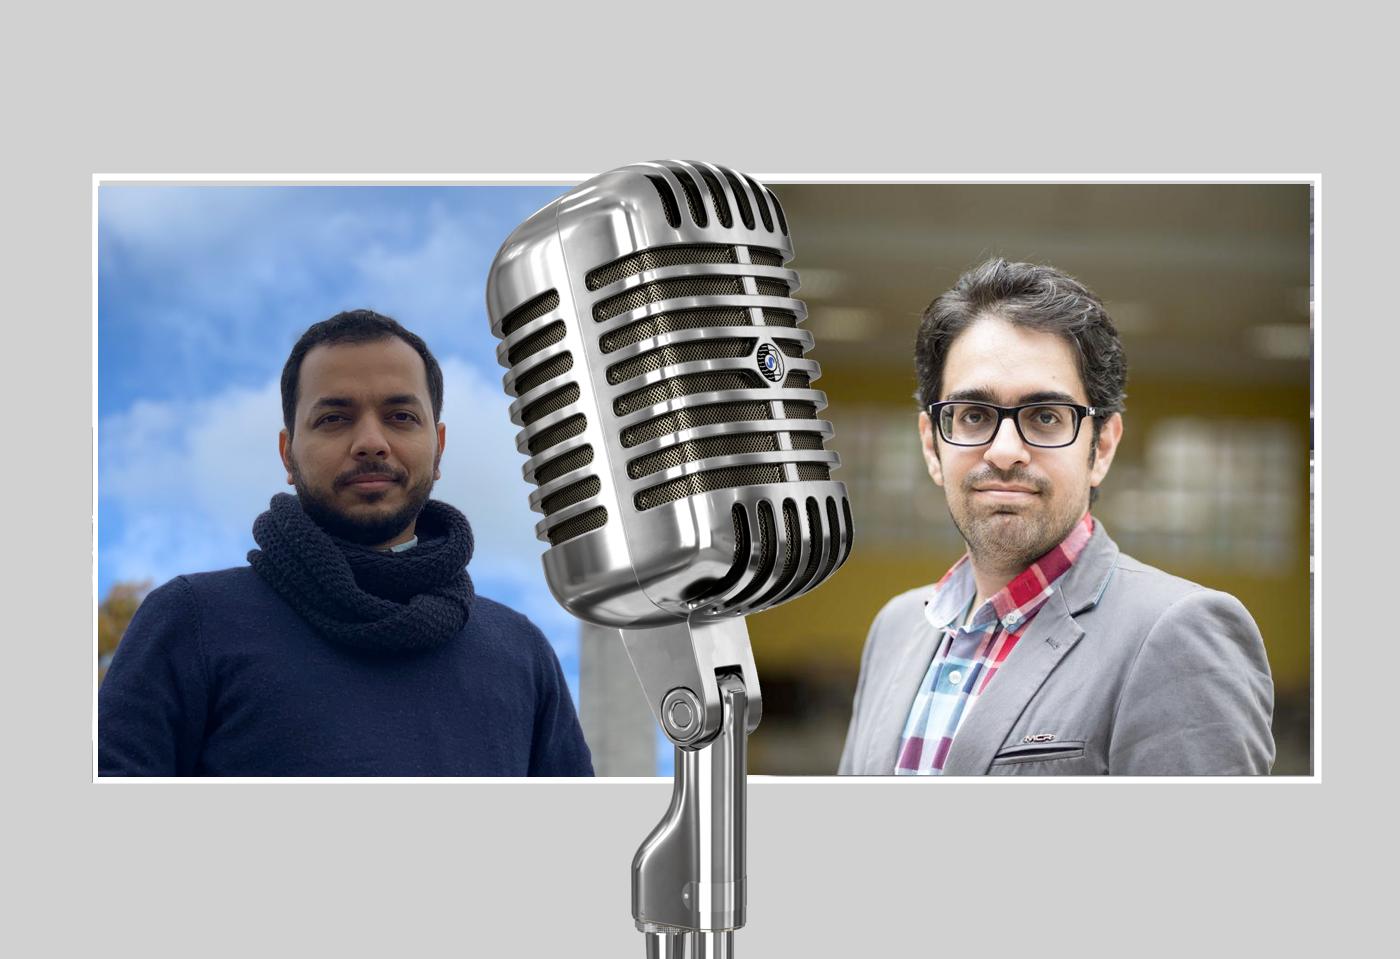 پادکست رشدینو - علی نادعلیزاده به میزبانی امیرحسین ثقه الاسلامی